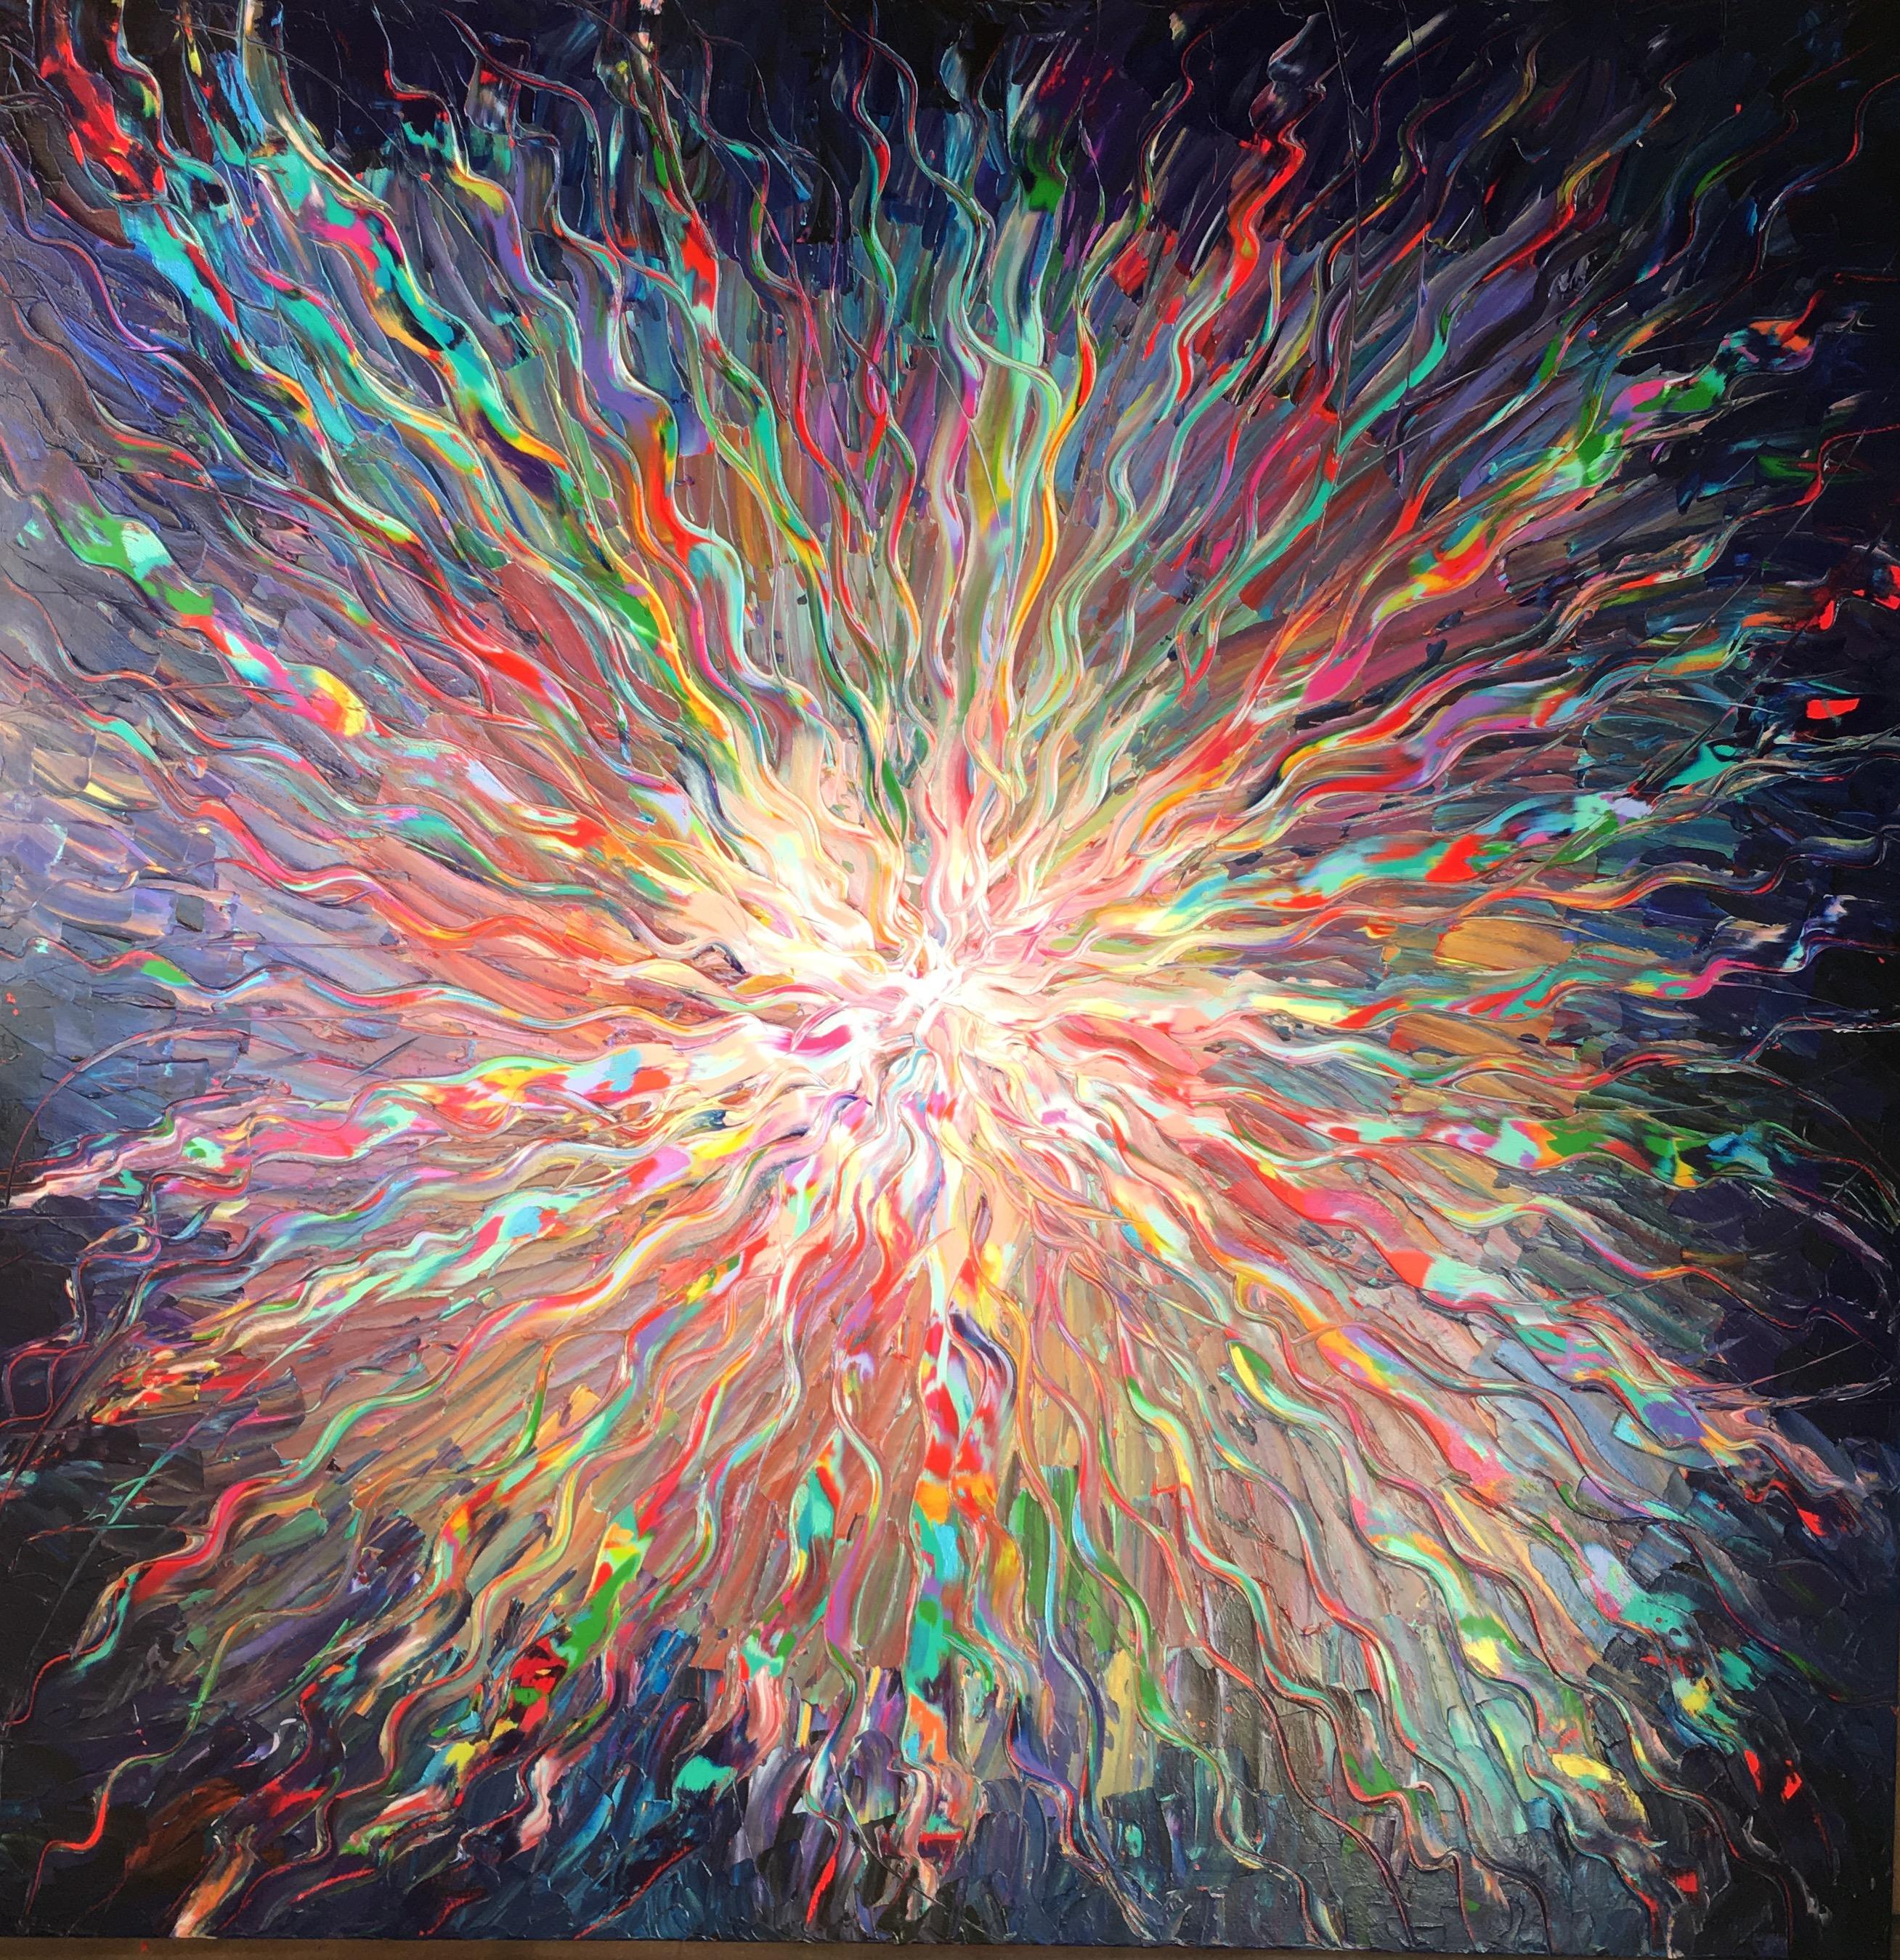 La série Solar Plasma a pour thème central la force brute de la Vie. L'artiste par une peinture forte, presque violente, faite de couleurs crues et de gestes puissants, nous offre sa vision de l'énergie prima le du BigBang, des origines de la Vie. Lysa parvient à capturer la lumière et nous la restitue grâce au jeu des couleurs, des tracés mouvants et puissants qu'elle sculpte au couteau à peindre. Il en résulte une oeuvre en relief, hybride, à mi-chemin entre peinture et sculpture.